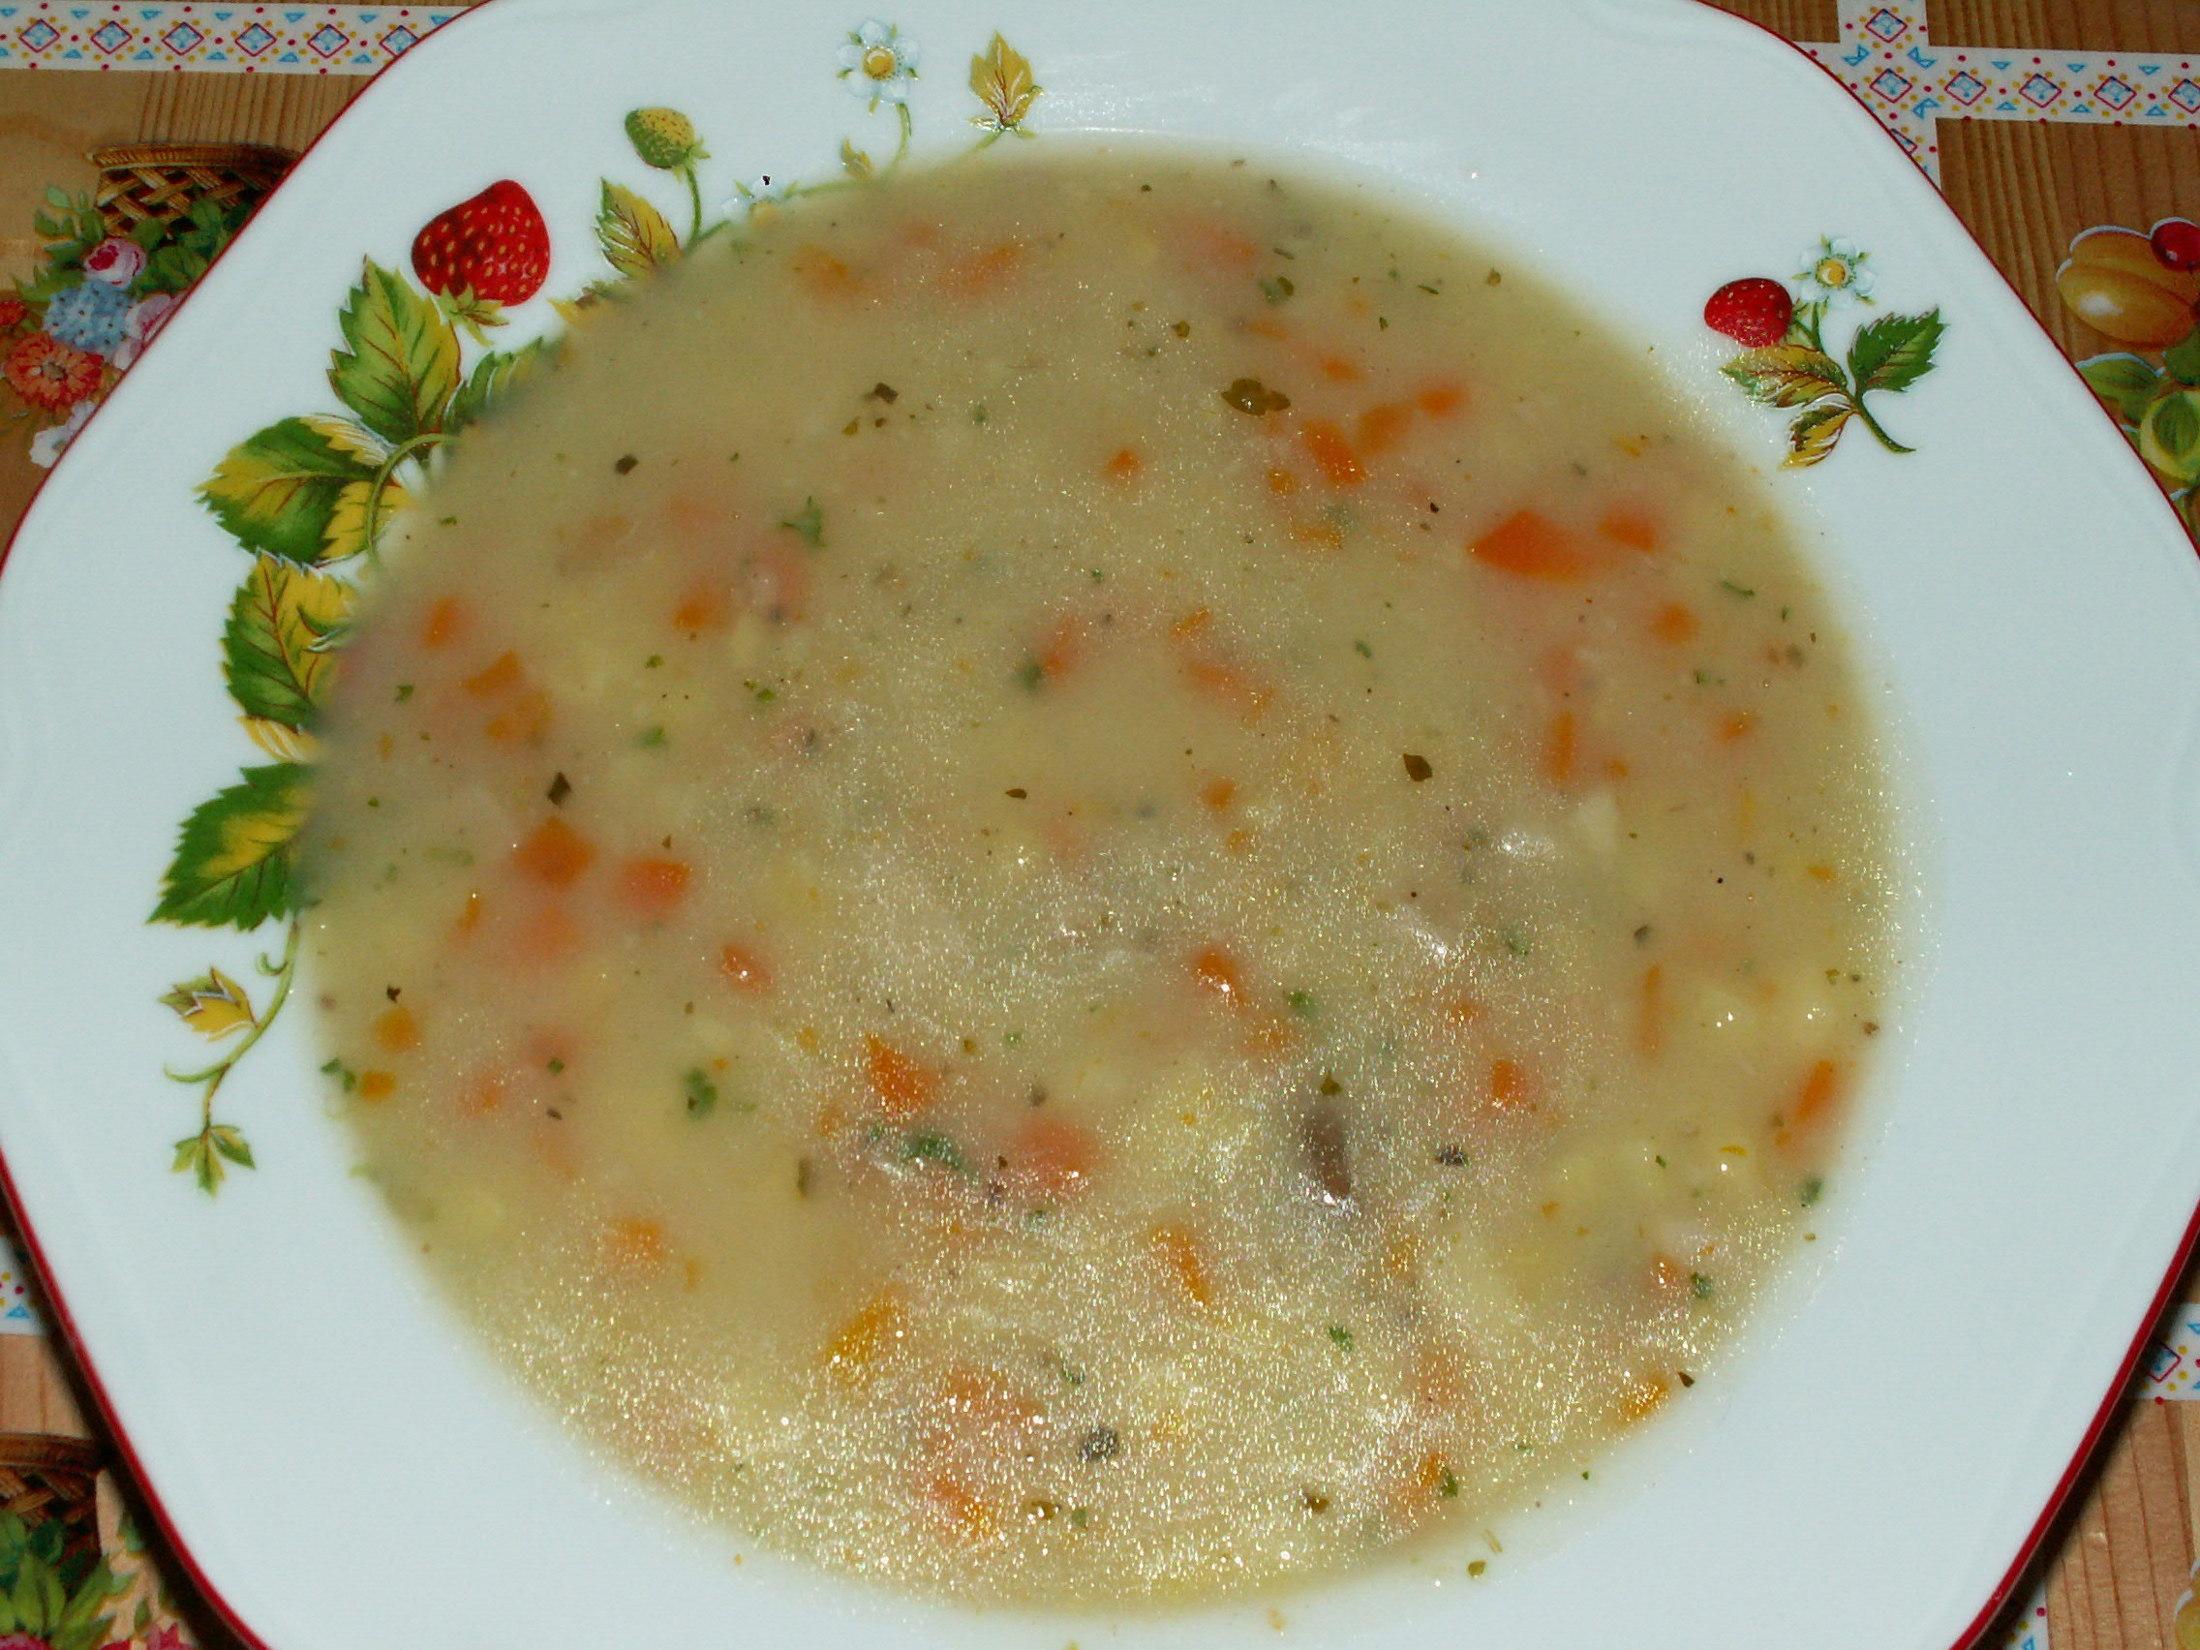 Recept Babiččina bramboračka - Naservírovaná bramboračka.